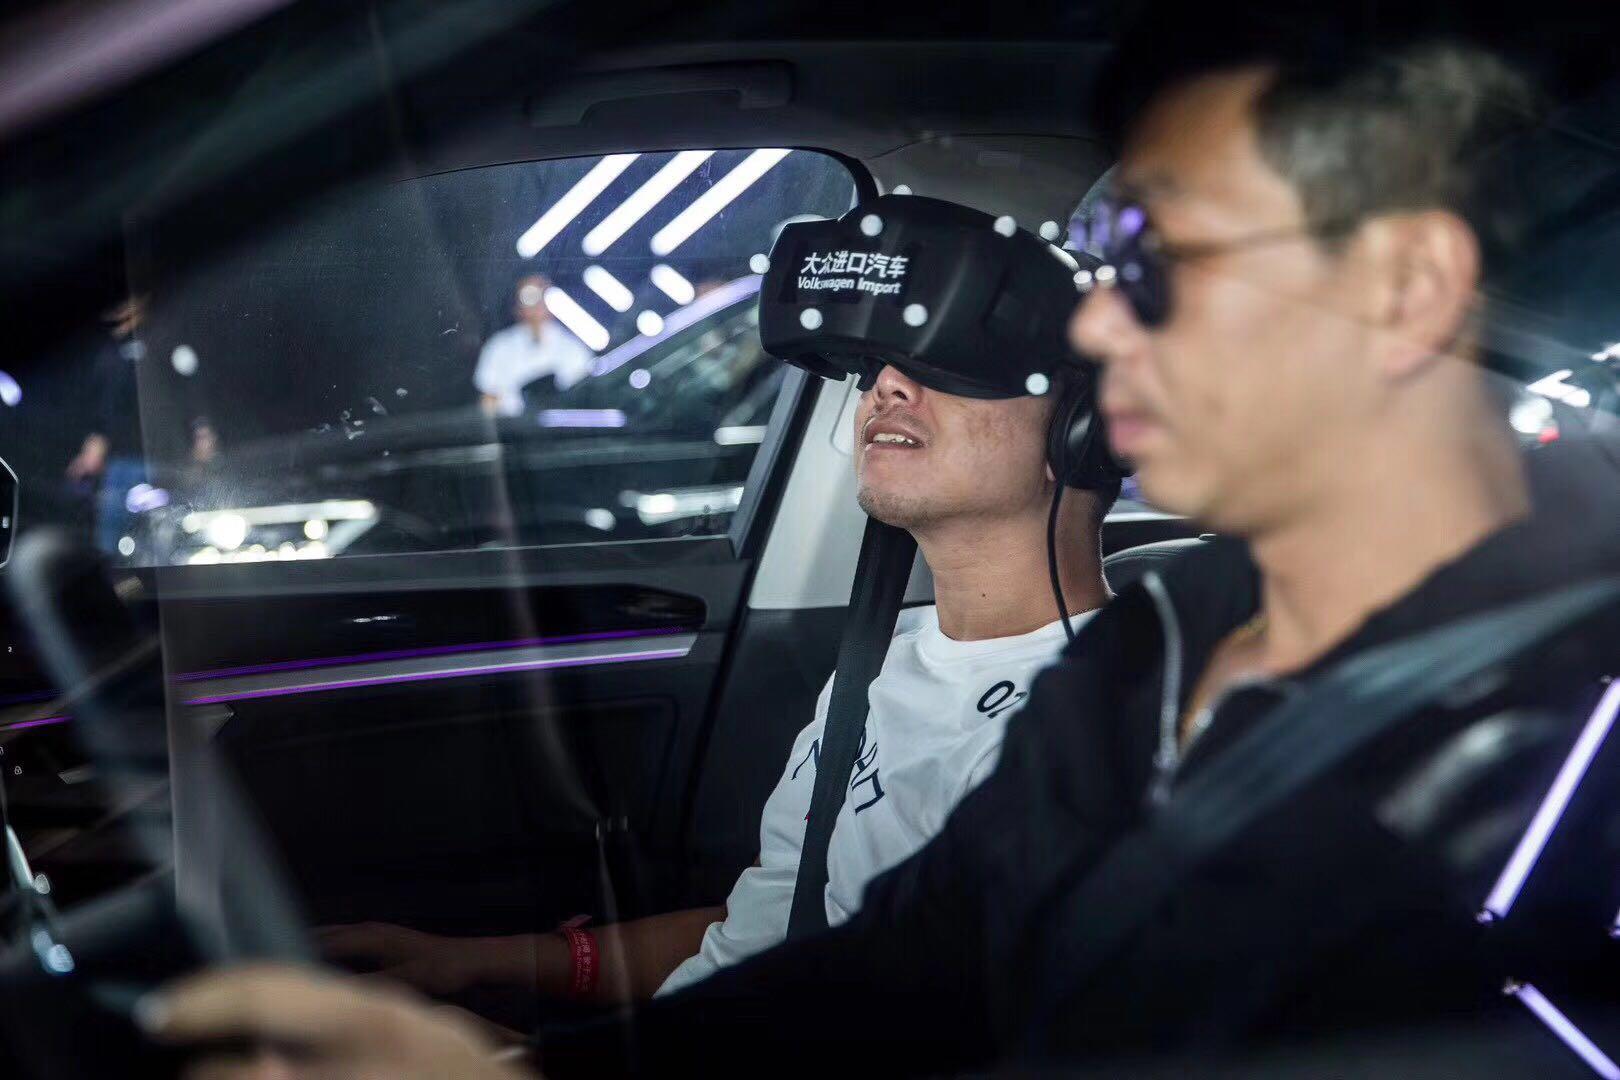 诺亦腾携手大众进口汽车,打造全球首次全体感景域融合式VR驾乘体验